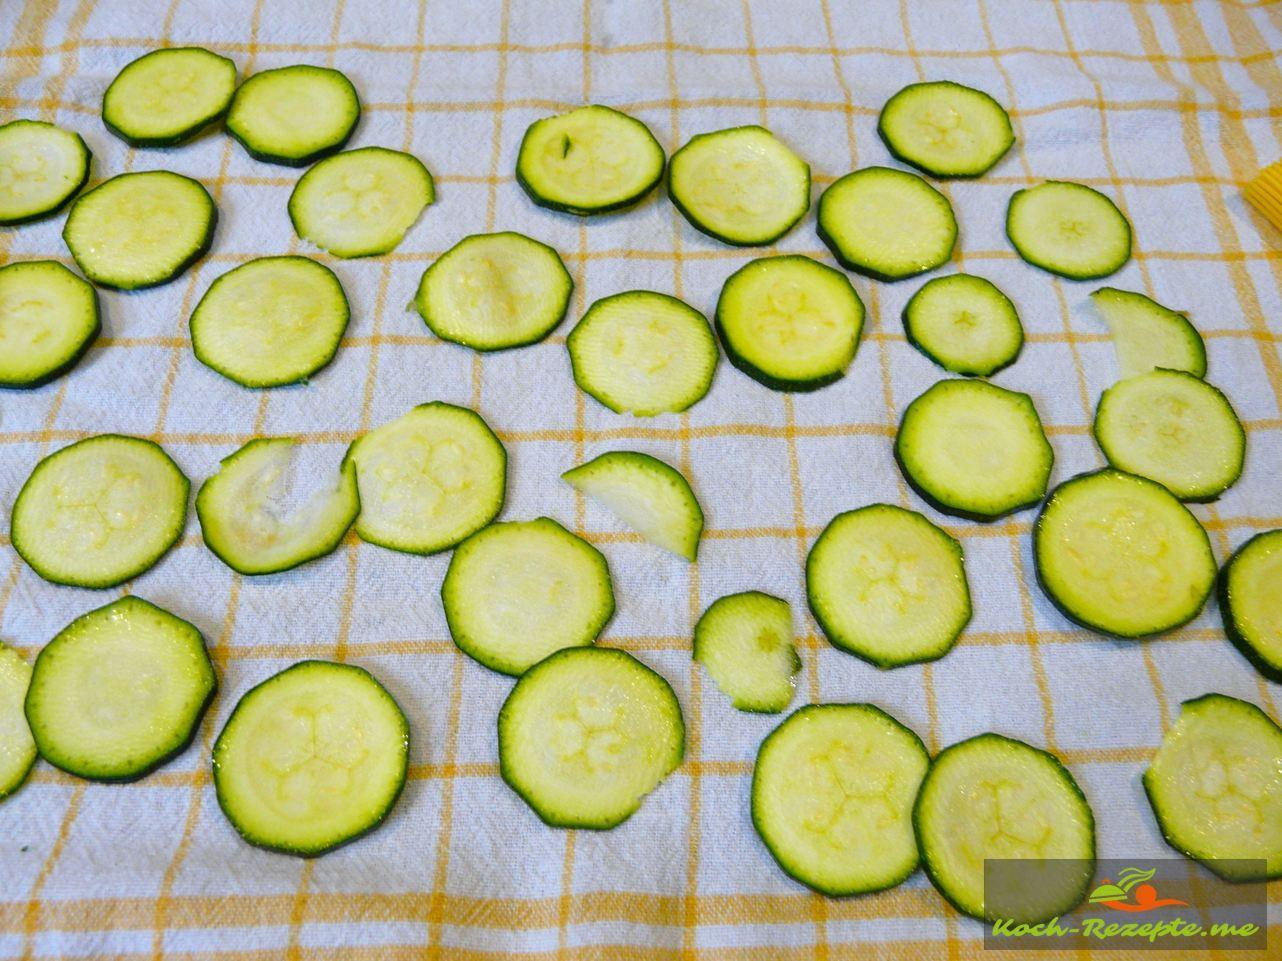 Die Zucchinischeiben in einem Tuch trocknen